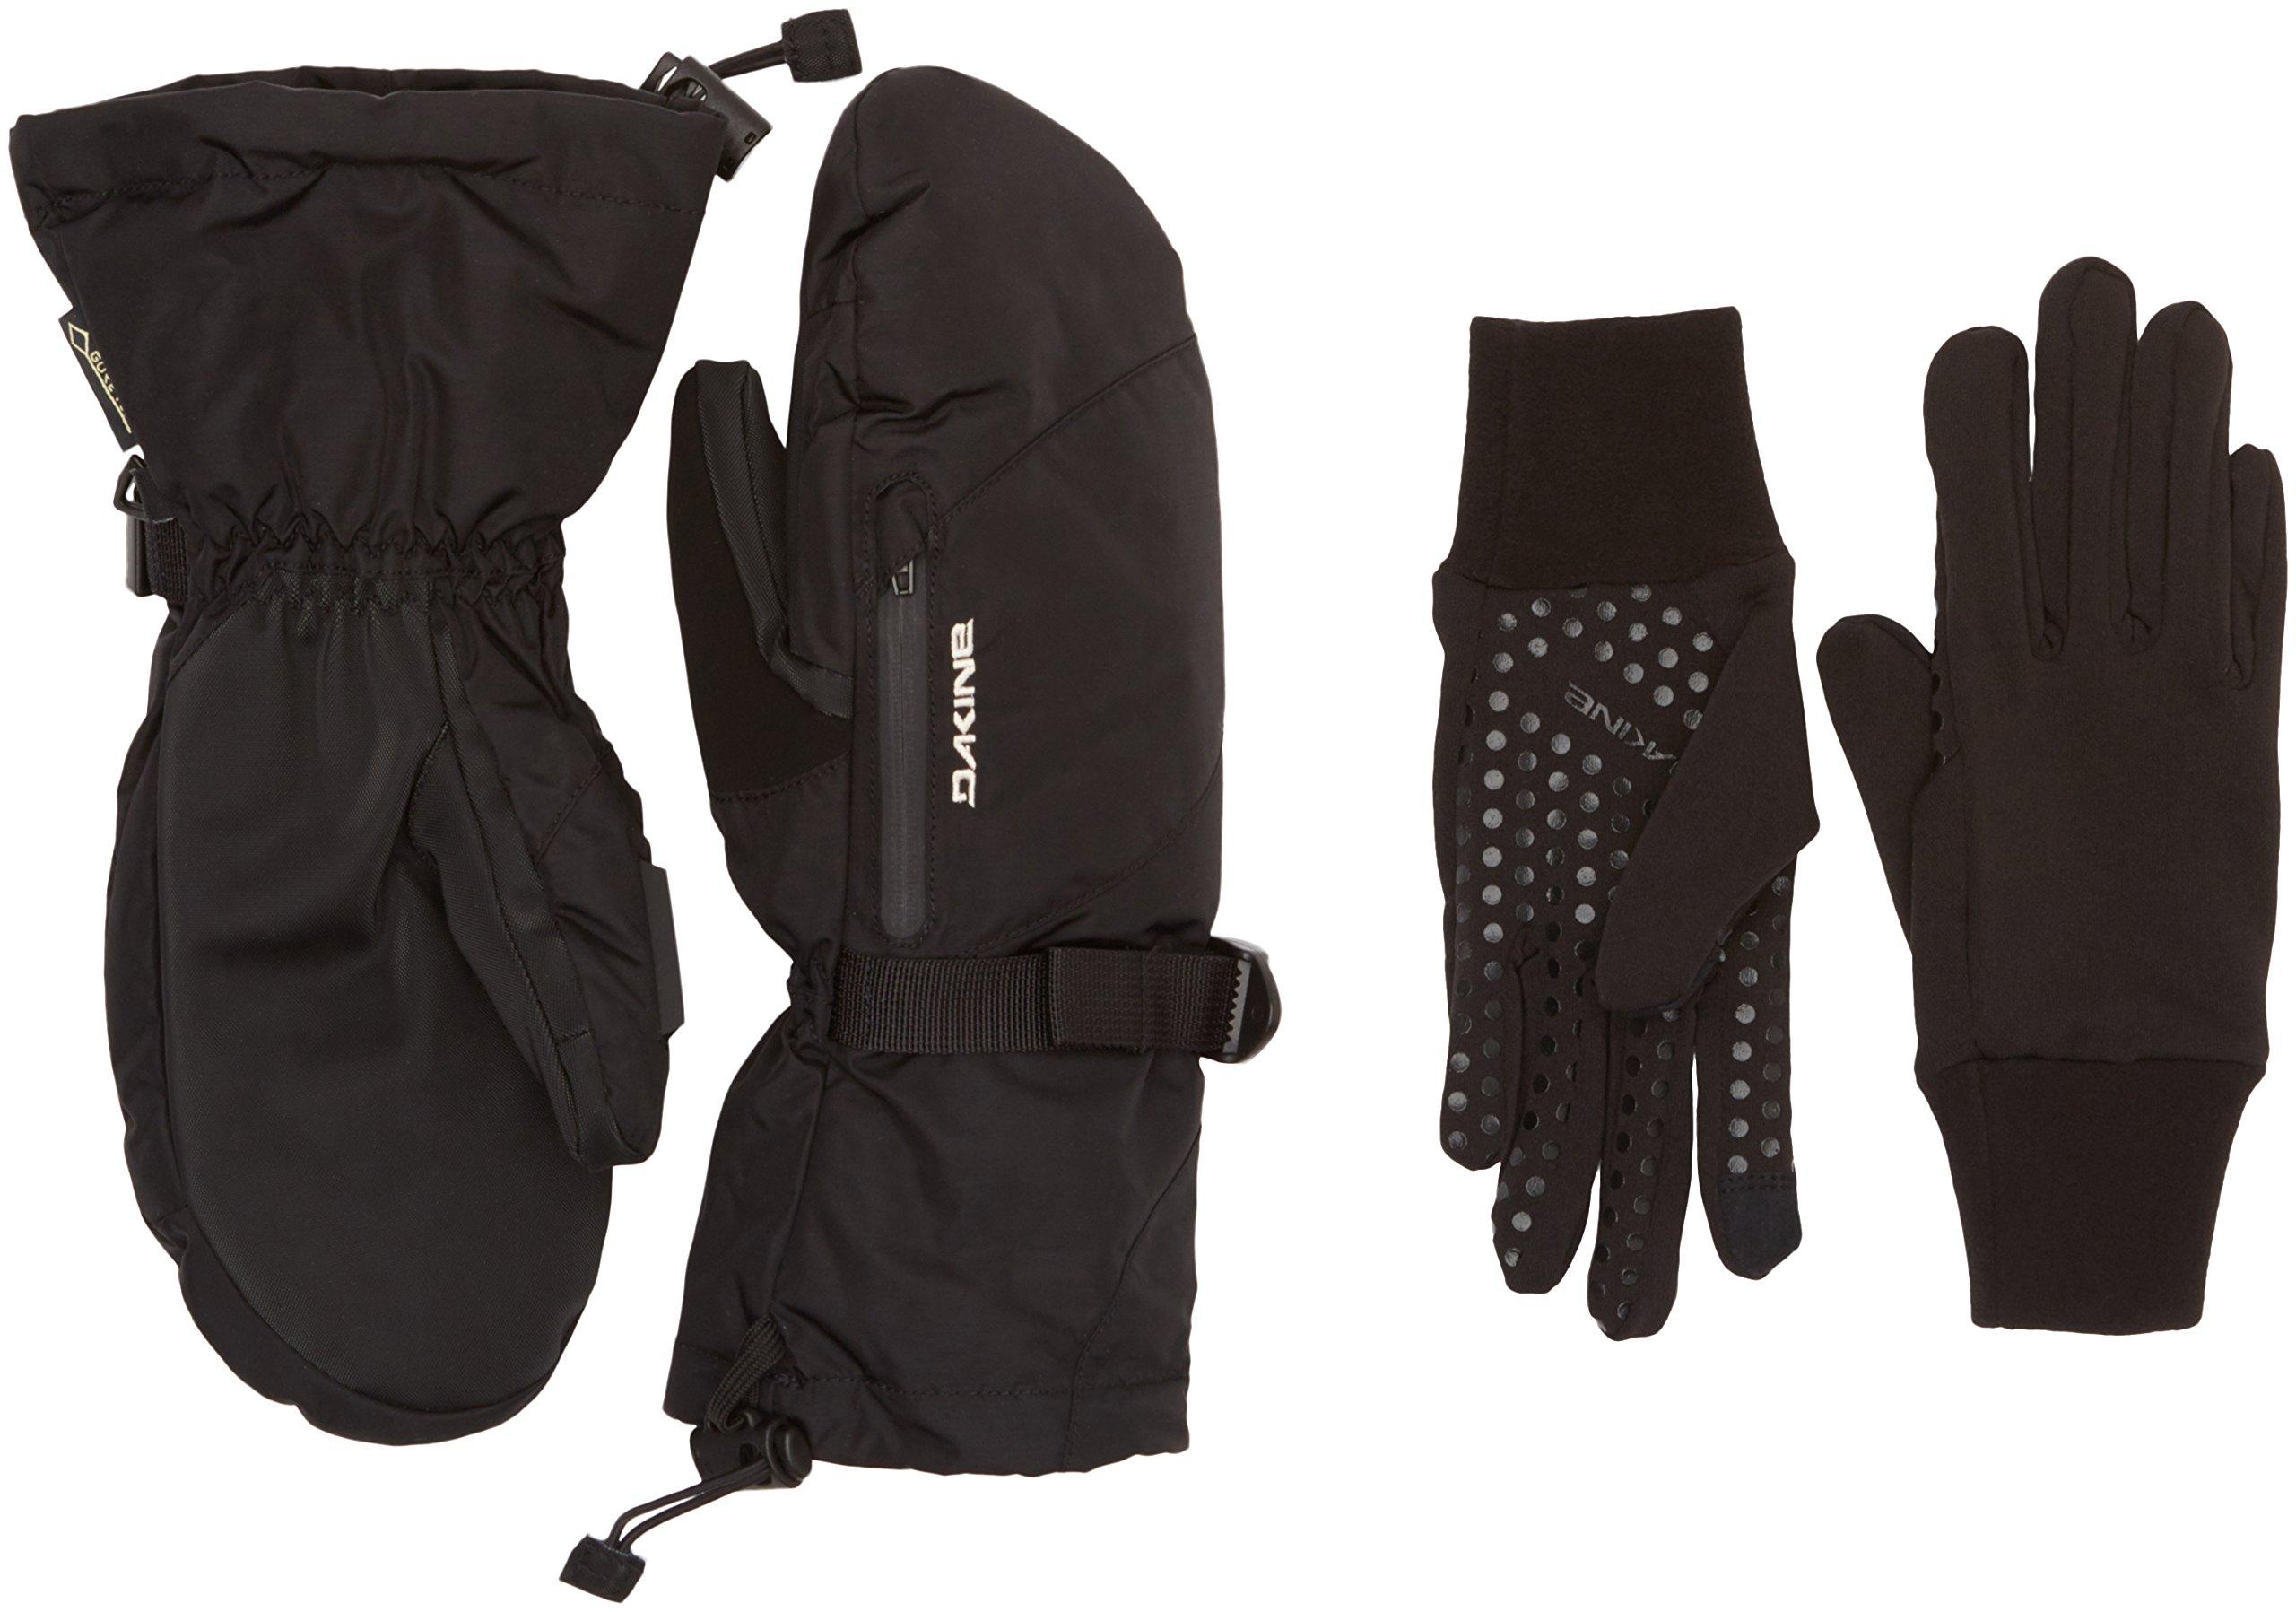 Dakine Women's Sequoia Mitt Gloves, Black, L